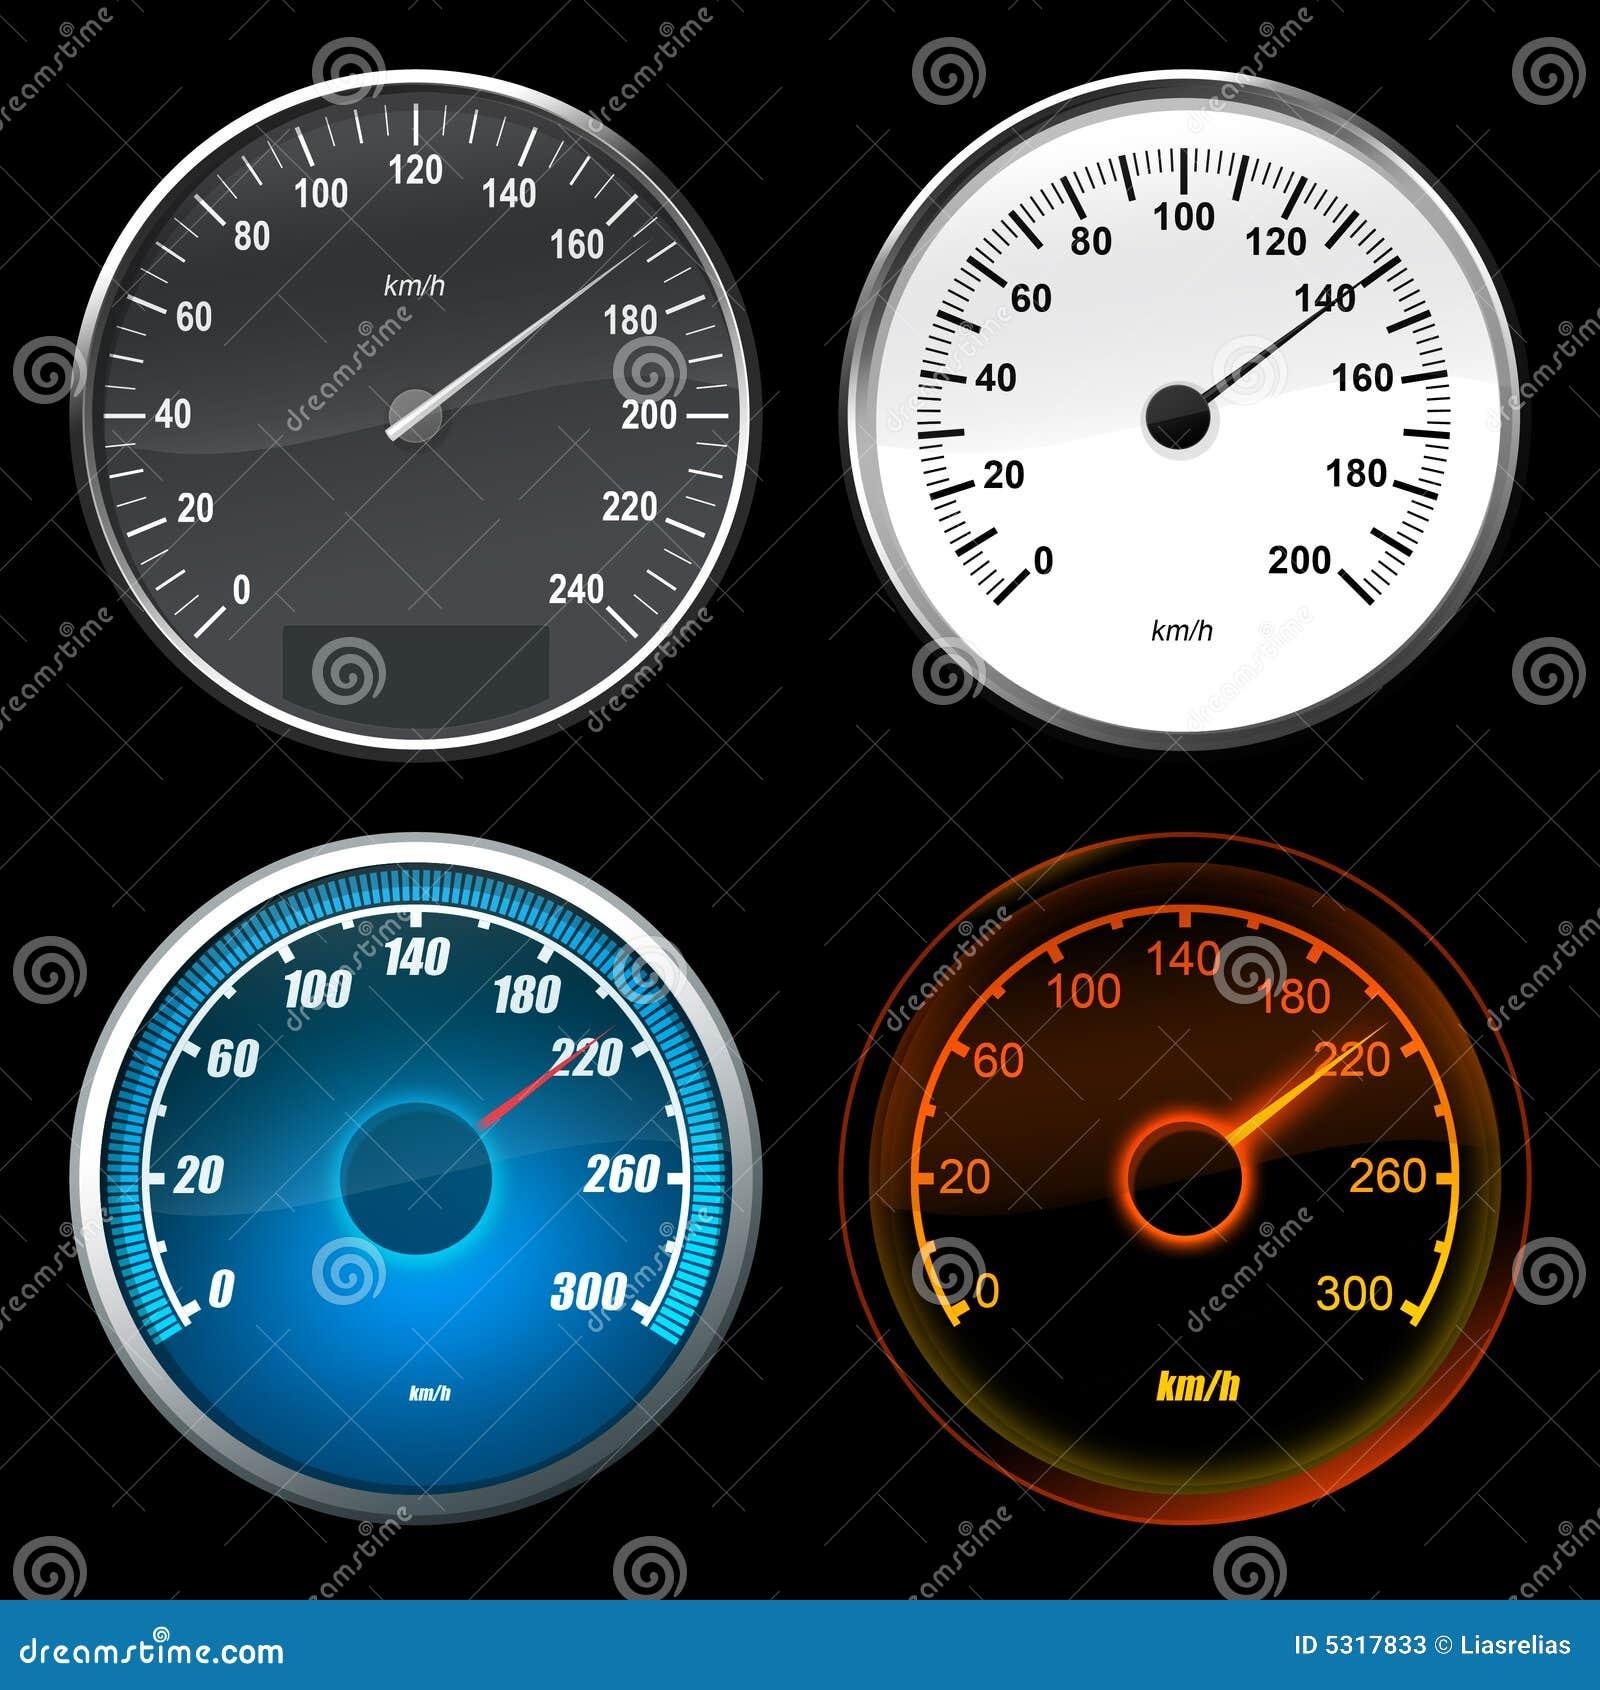 Car Stock Photos: Speedometer Car Stock Photos